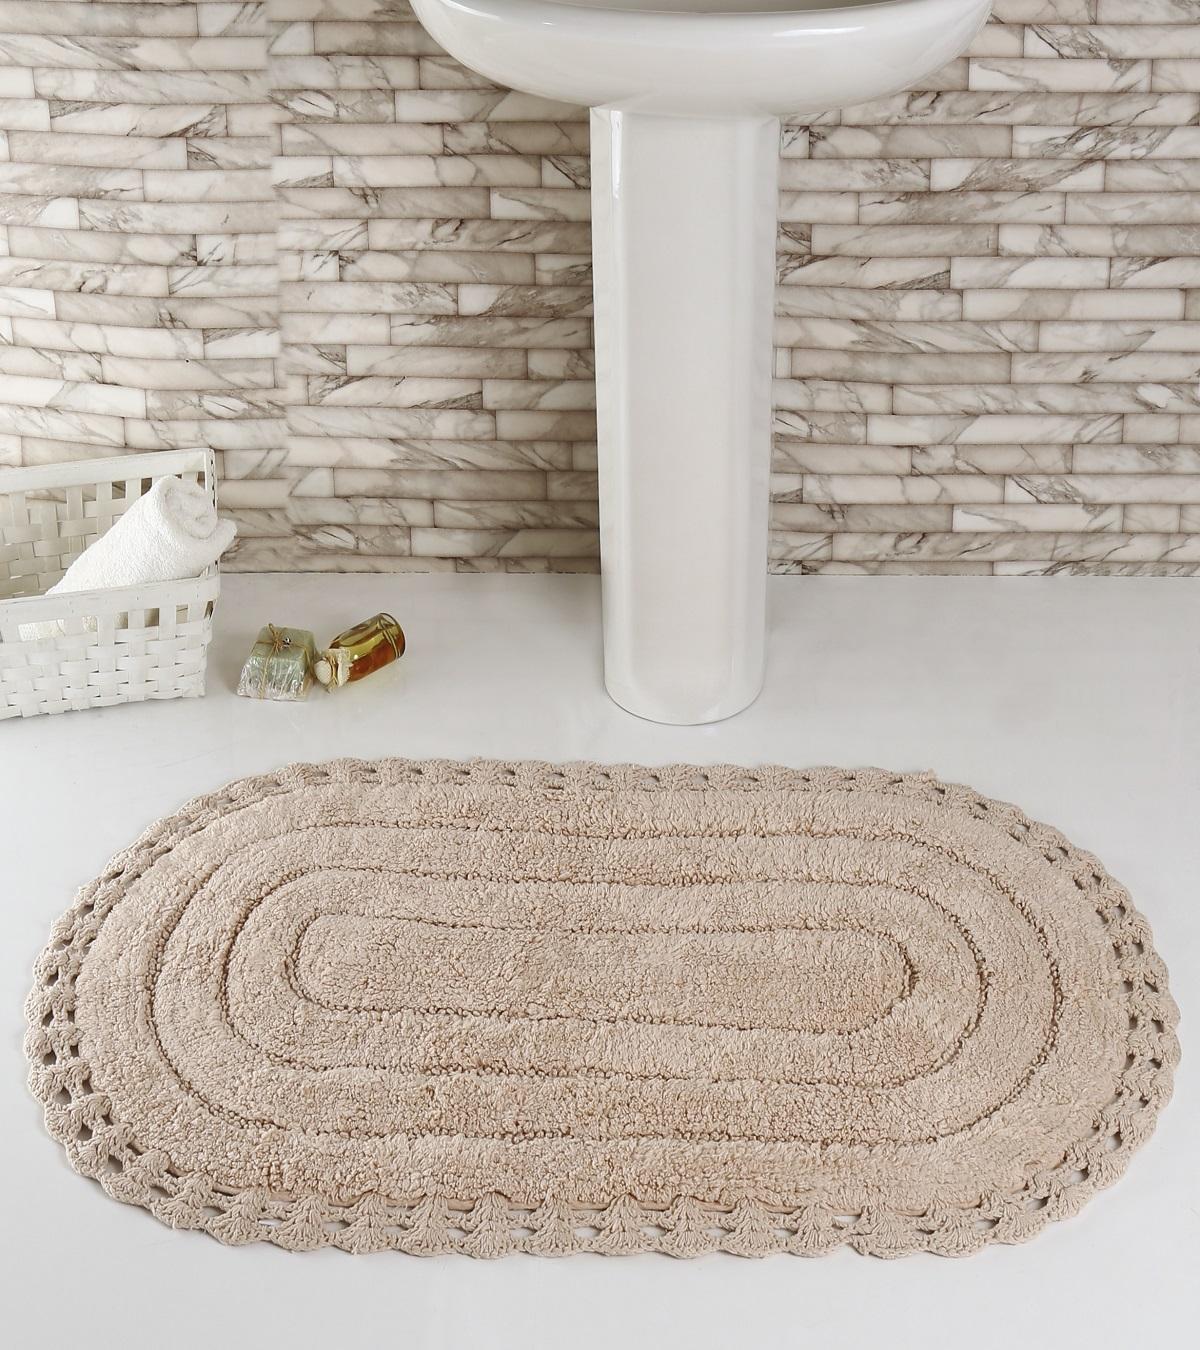 Коврик для ванной Karna Modalin. Yana, цвет: пудровый, 60 х 100 см5025/CHAR005Коврики для ванной Karna изготовлены из 100% хлопка.Махровое изделие отлично впитывает воду и быстро сохнет. На впитывающие качества махры (ее гигроскопичность) влияет состав волокон. Махра абсолютно не аллергенна, имеет высокую воздухопроницаемость и долгий срок использования ткани.